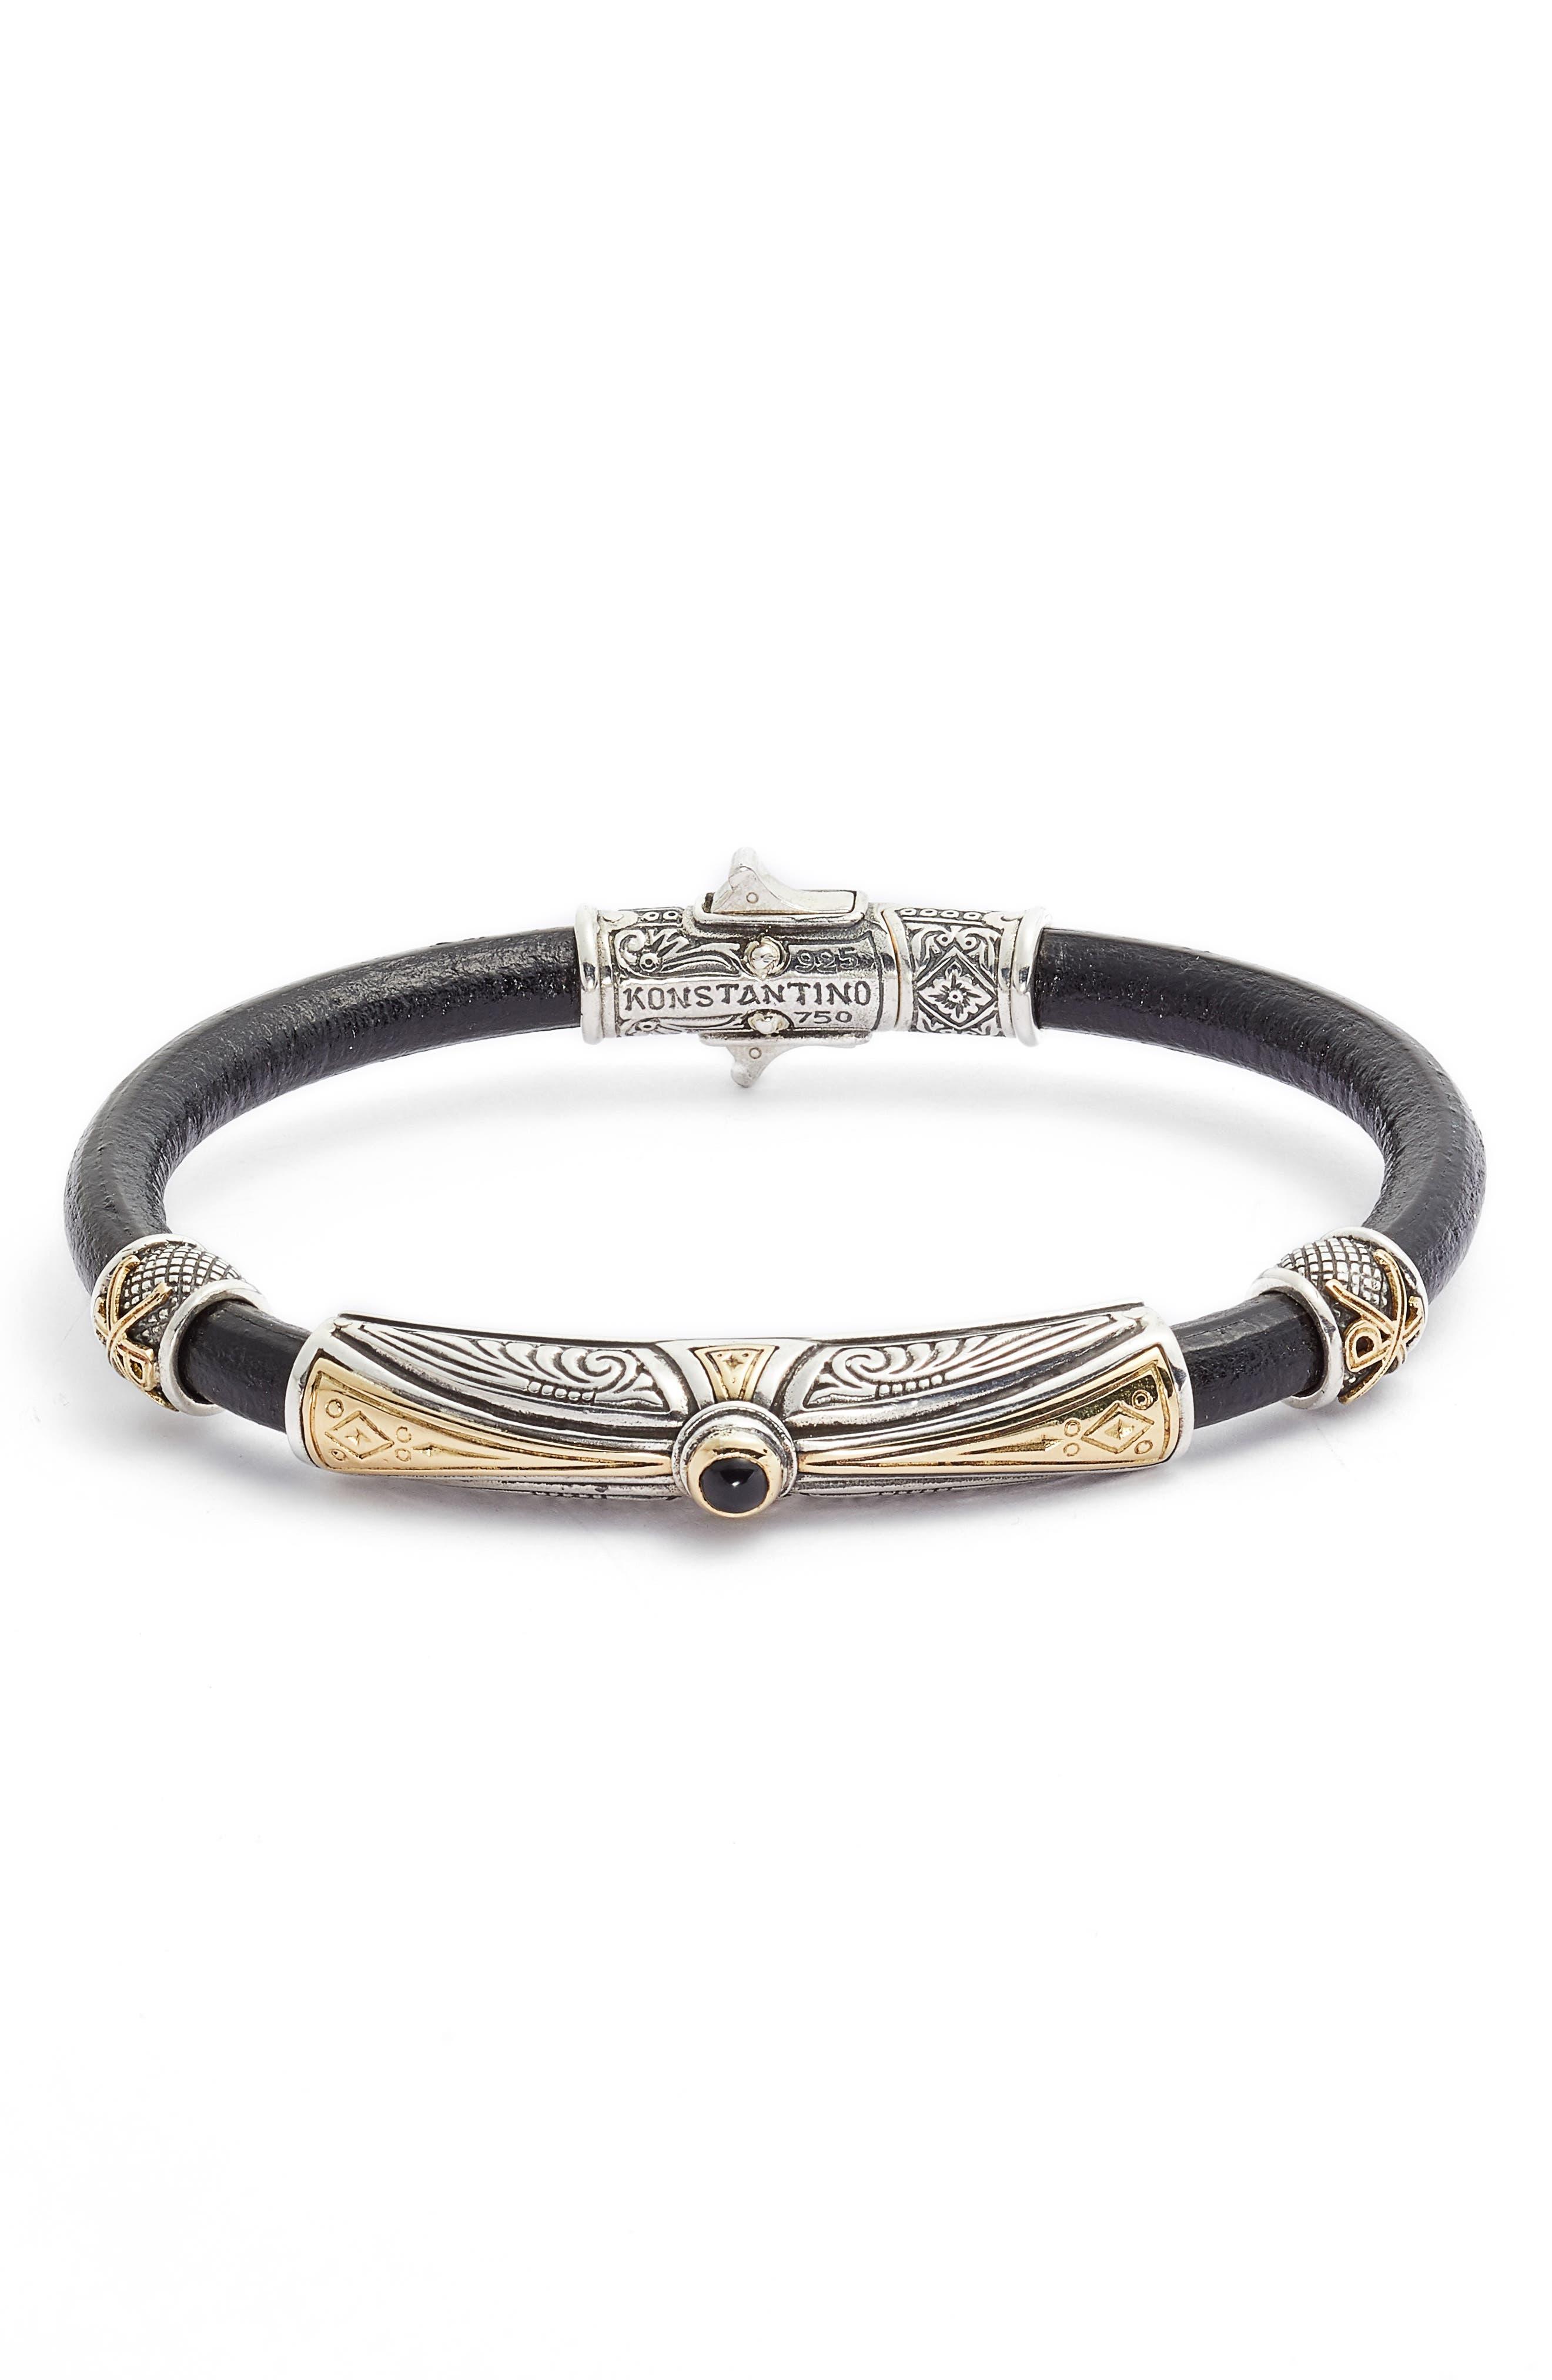 Konstantino Stavros Leather Bracelet with Onyx